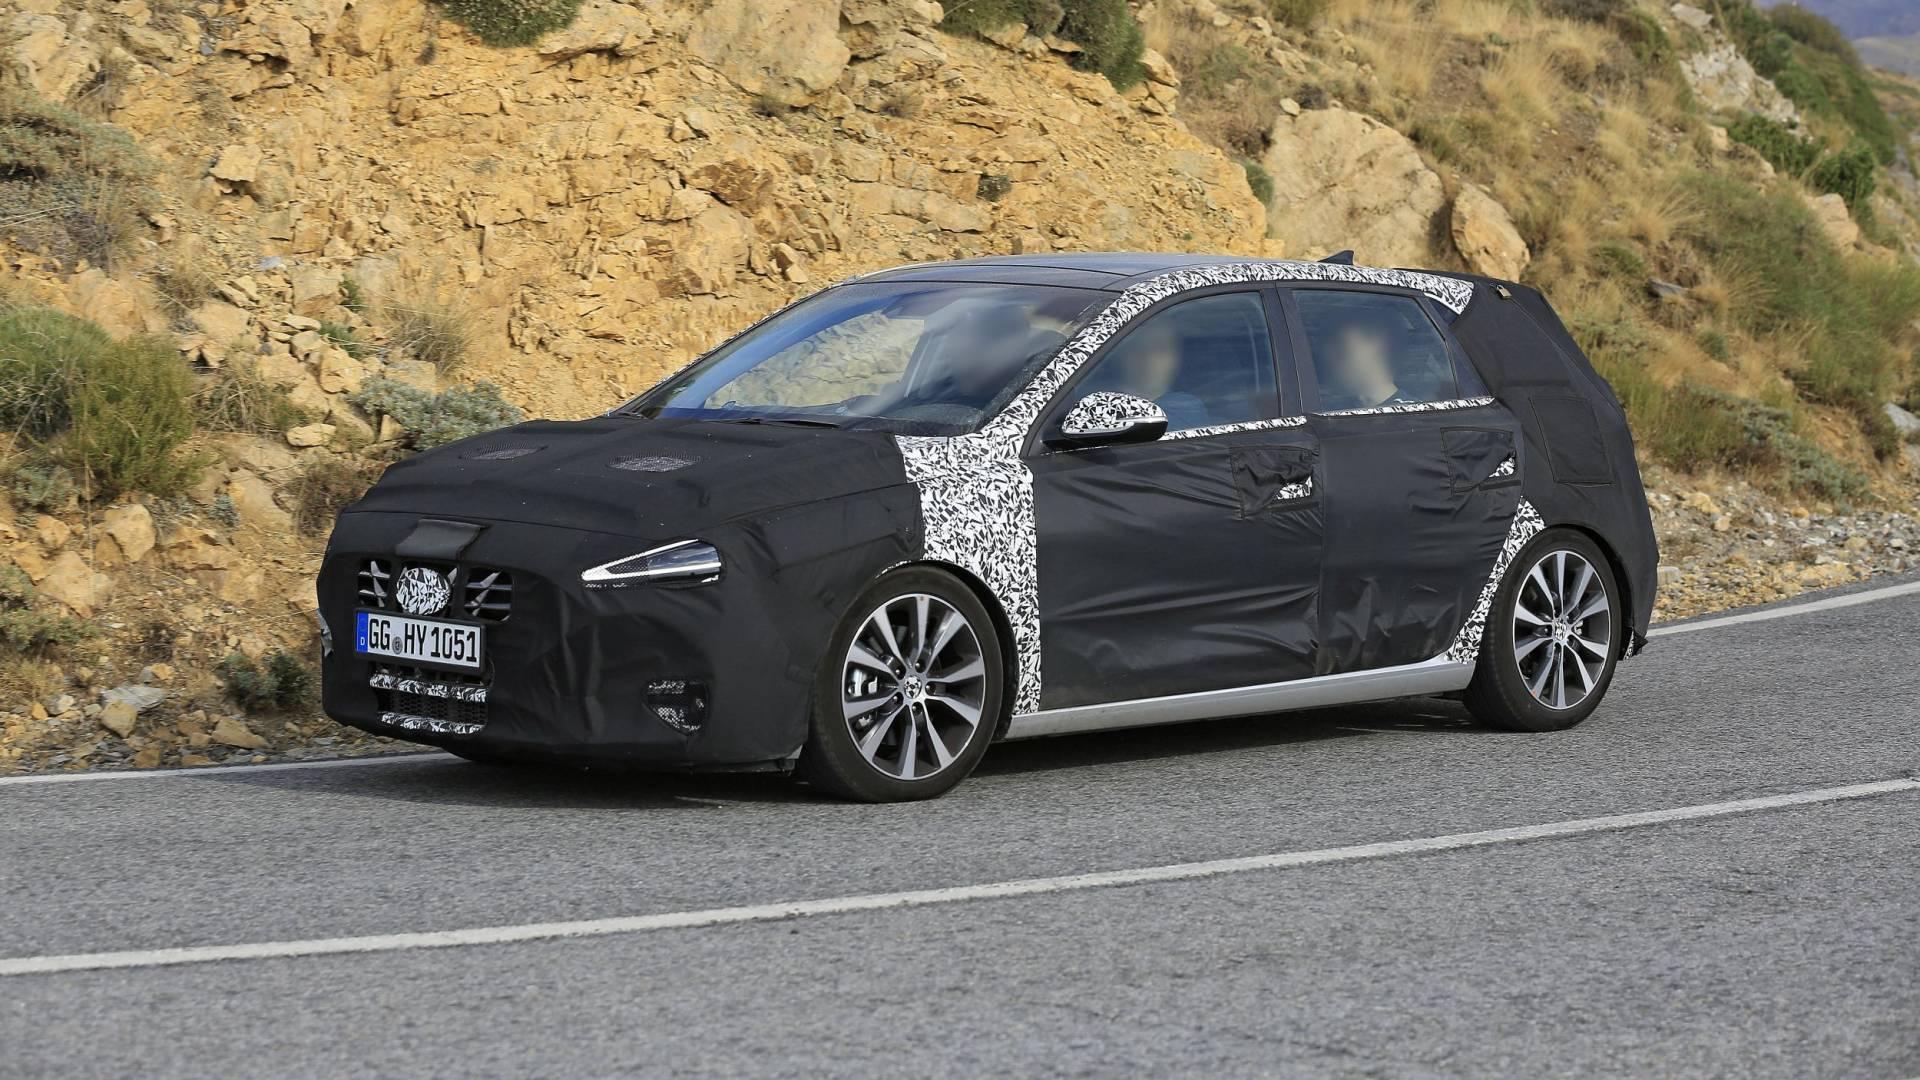 nuova Hyundai i30 2020